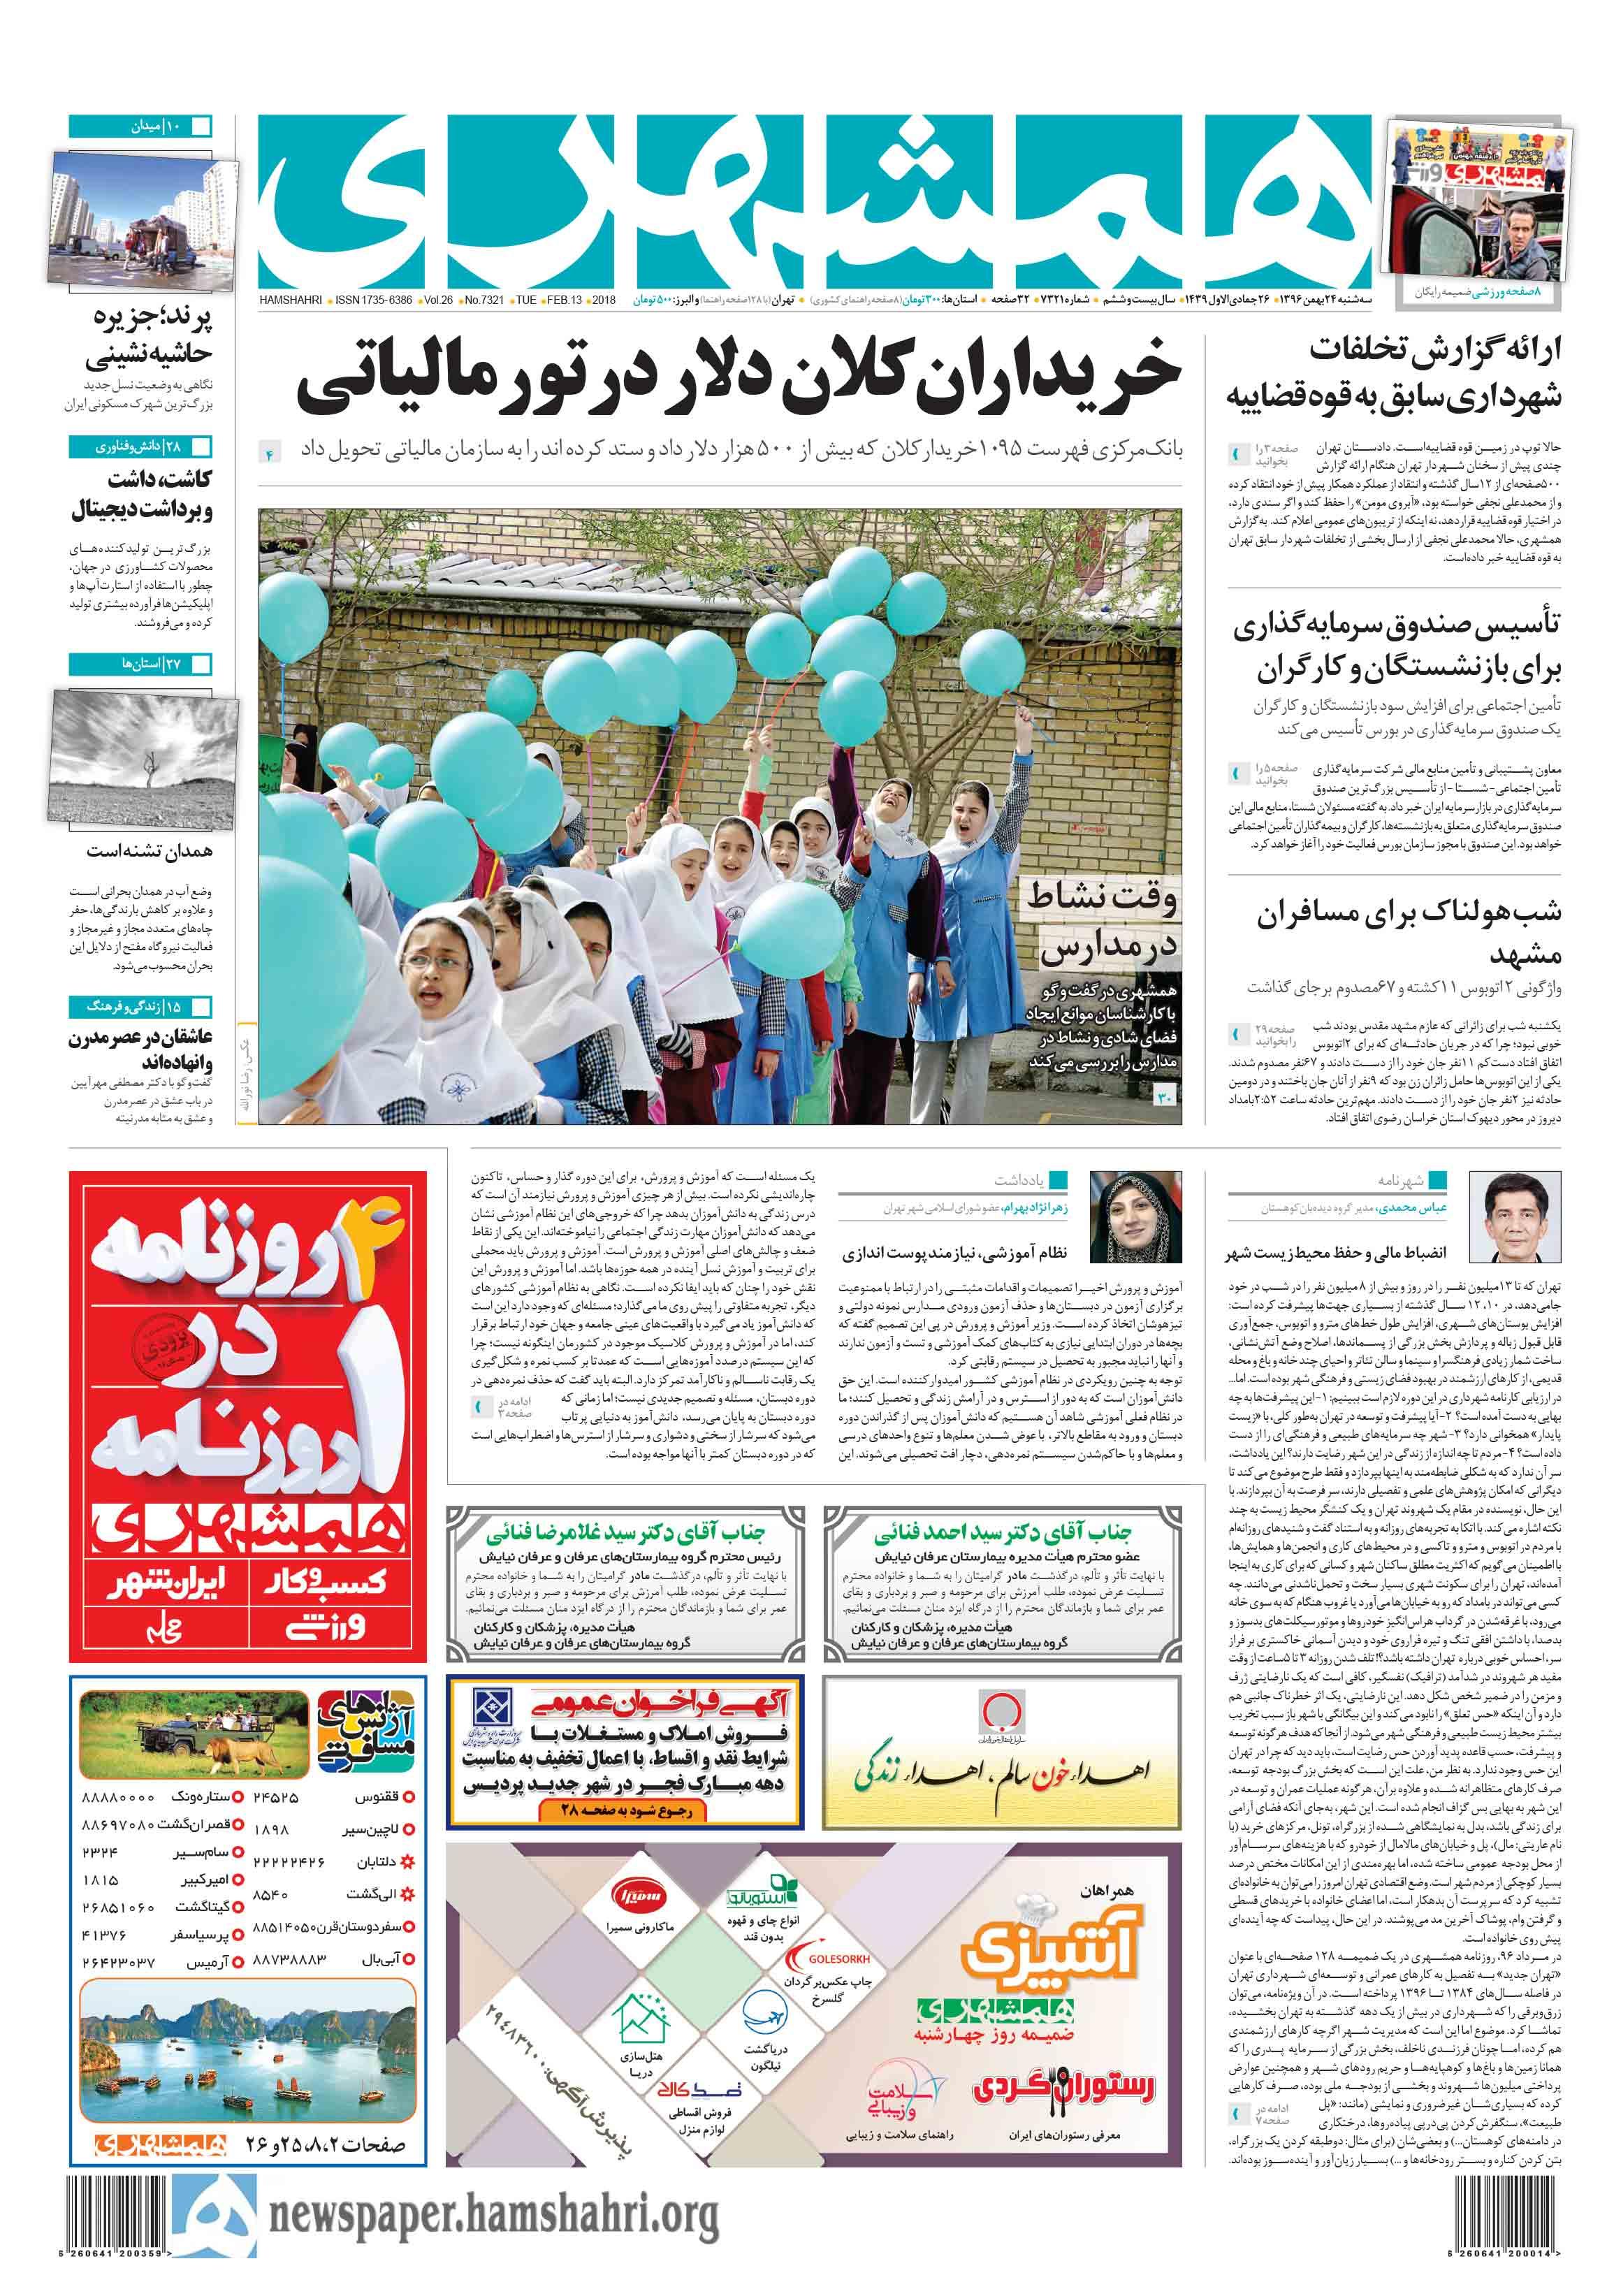 صفحه اول سهشنبه 24 بهمنماه 1396